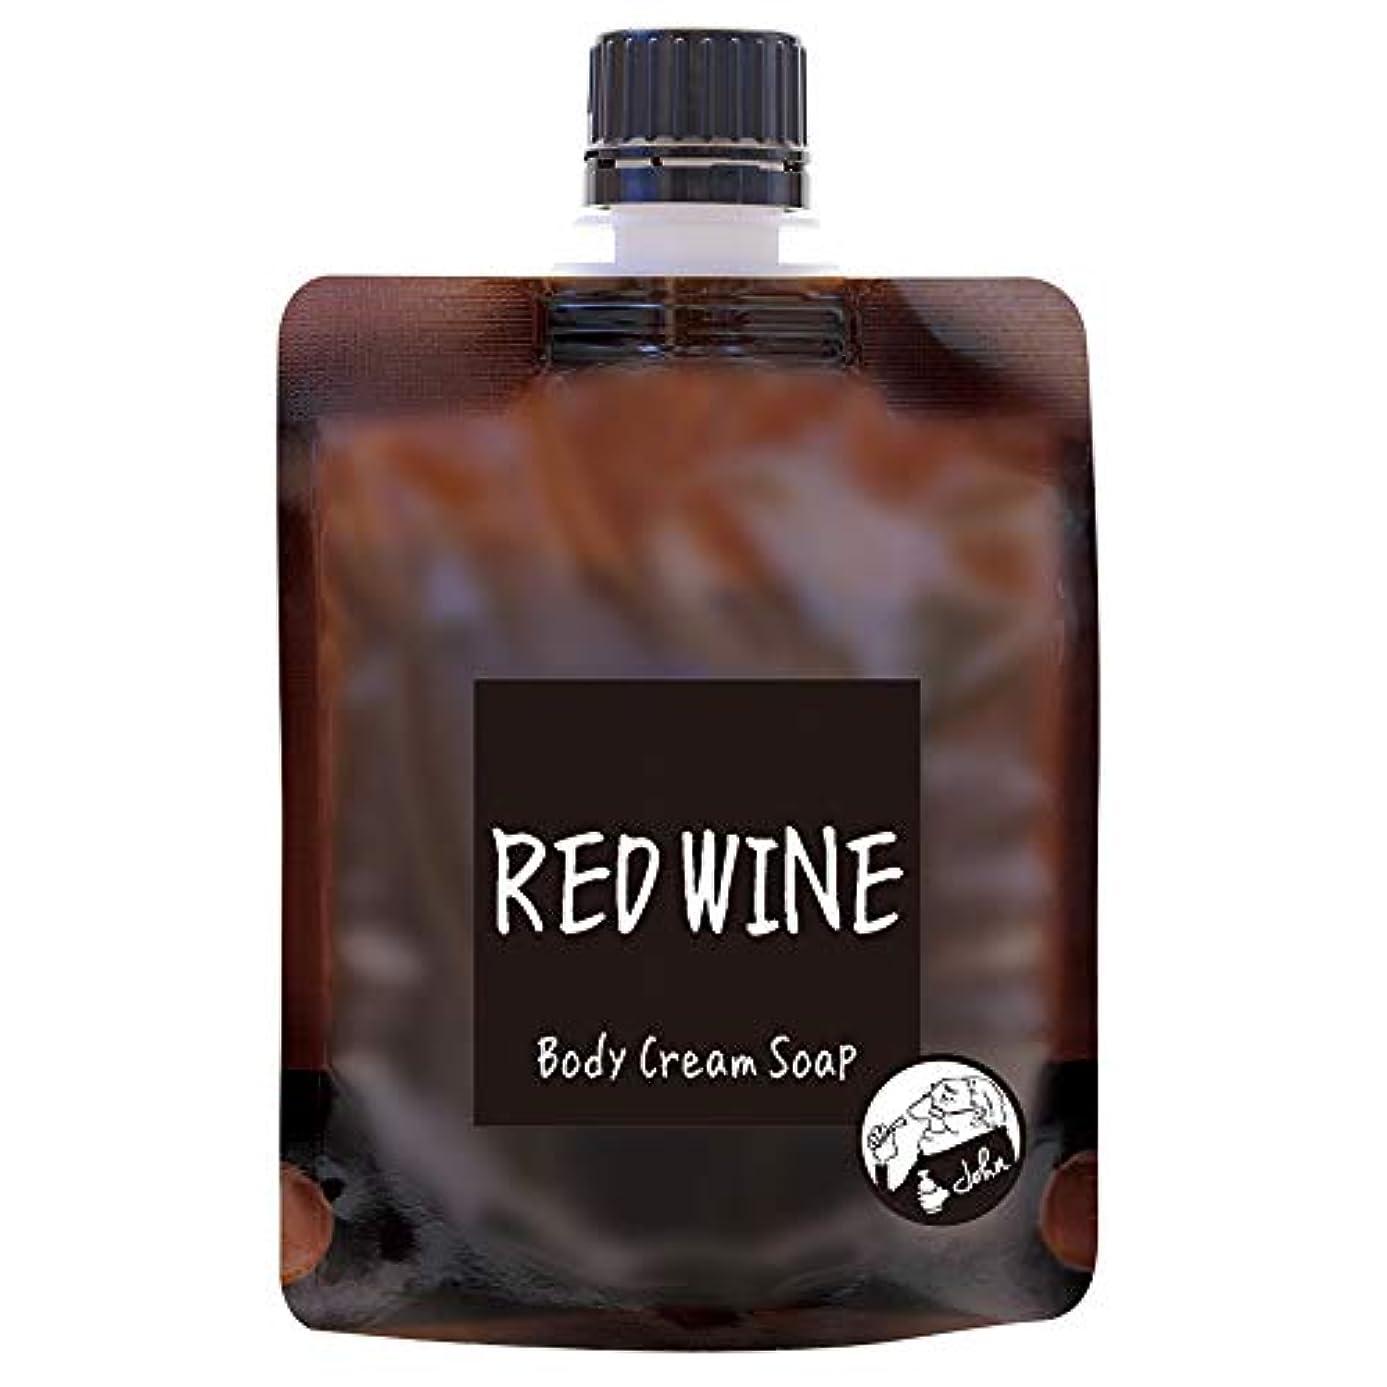 足音著作権センチメンタルノルコーポレーション John's Blend ボディクリームソープ 保湿成分配合 OA-JON-19-5 ボディソープ レッドワインの香り 100g